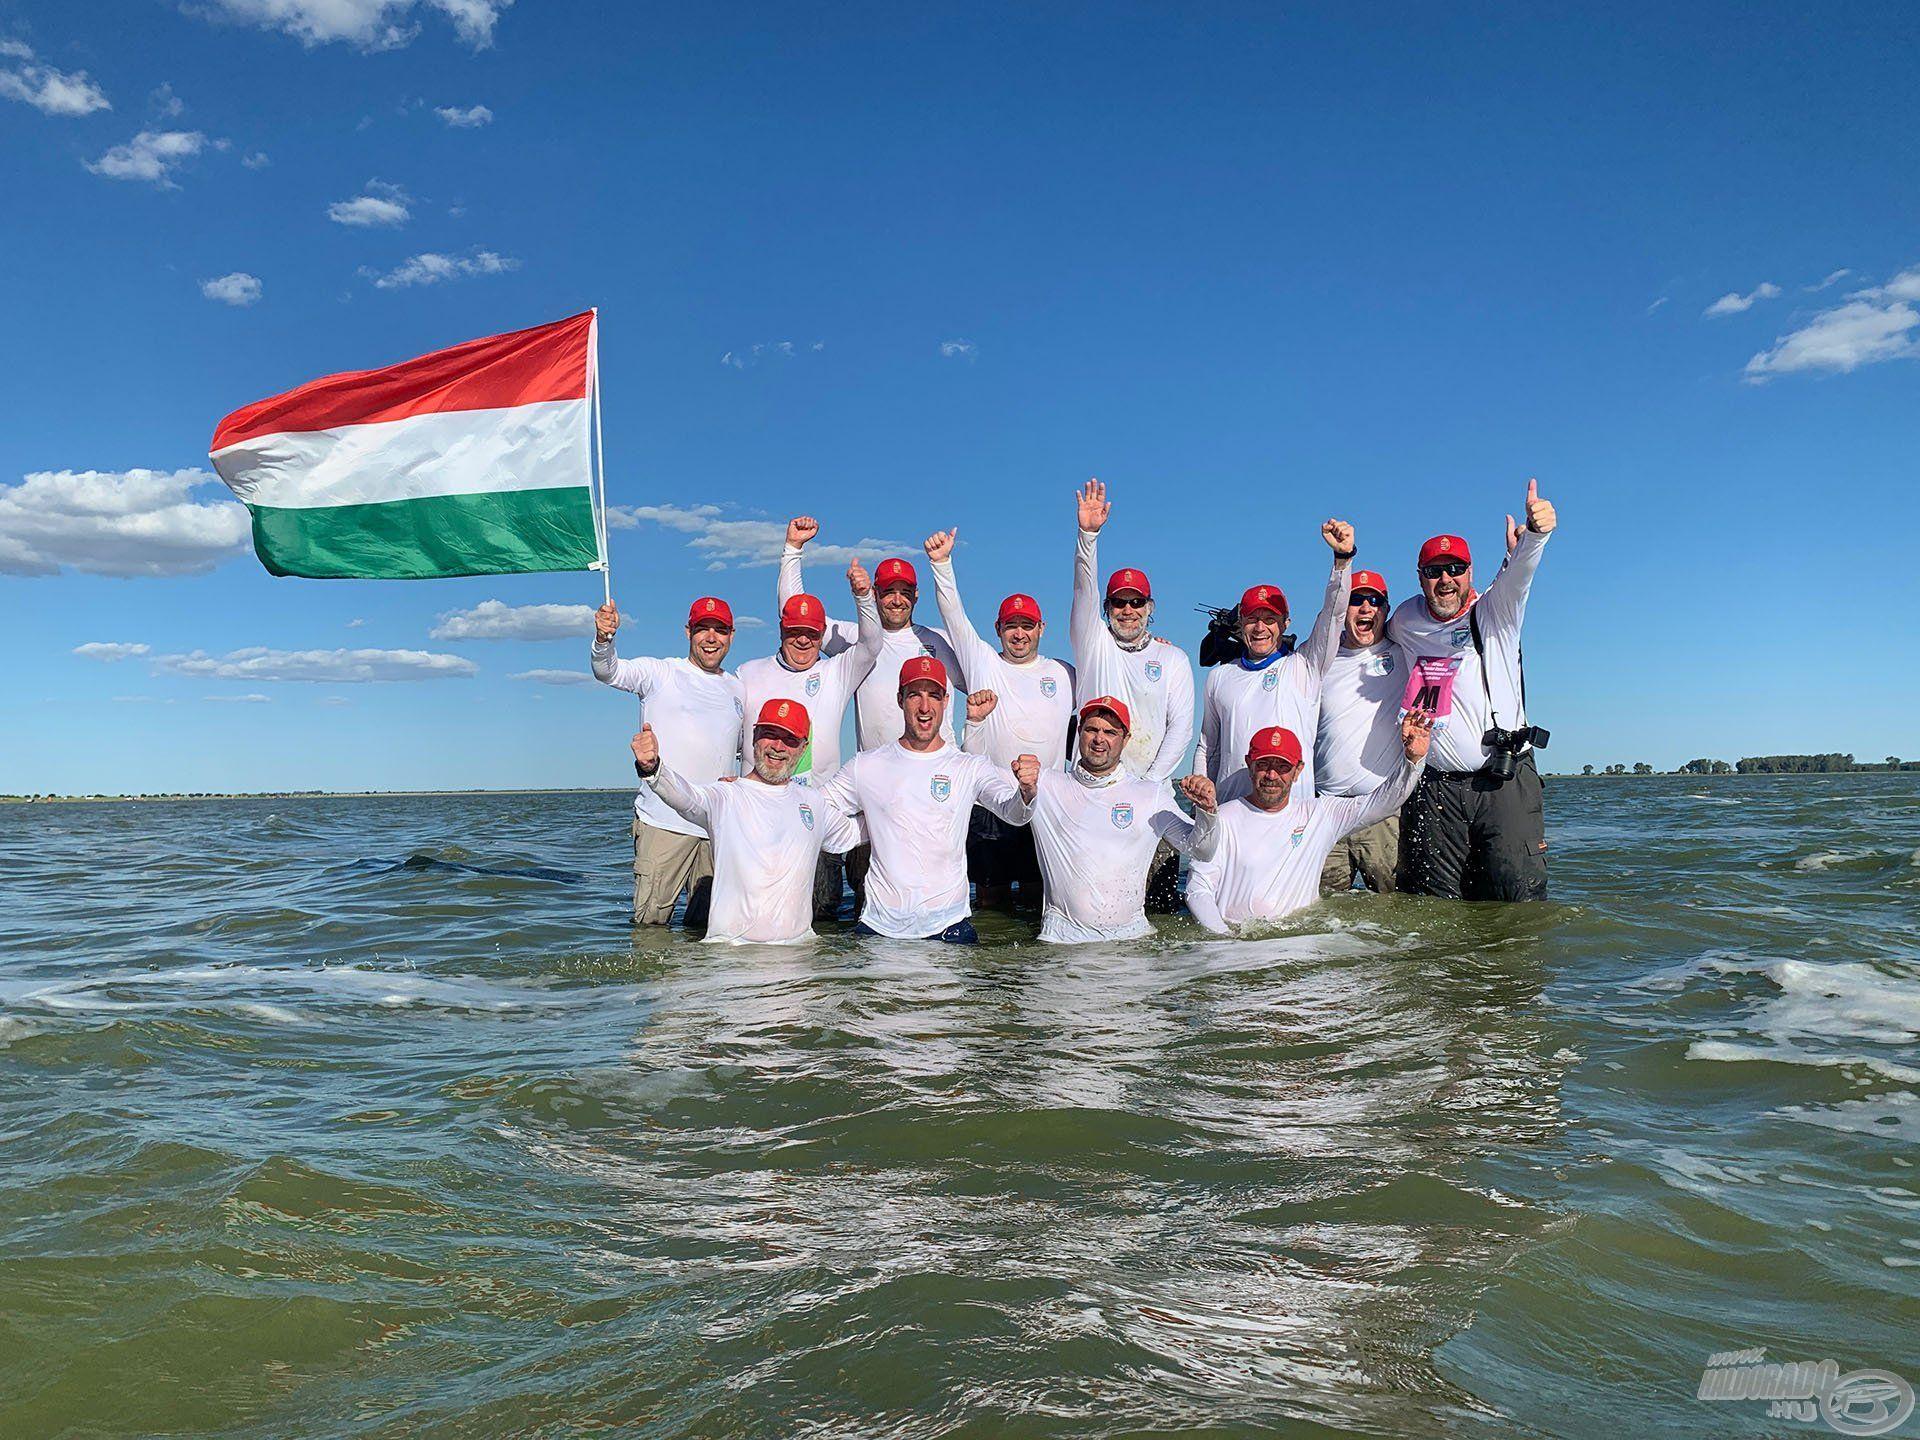 Döme Gábor és Sipos Gábor fantasztikus versenyeredményeire a 2019-es év tette fel a koronát, hiszen a magyar nemzeti válogatottal a dobogó legfelsőbb fokára állhattak, a Dél-afrikai Köztársaságban megrendezett IX. Feeder Horgász Világbajnokságon